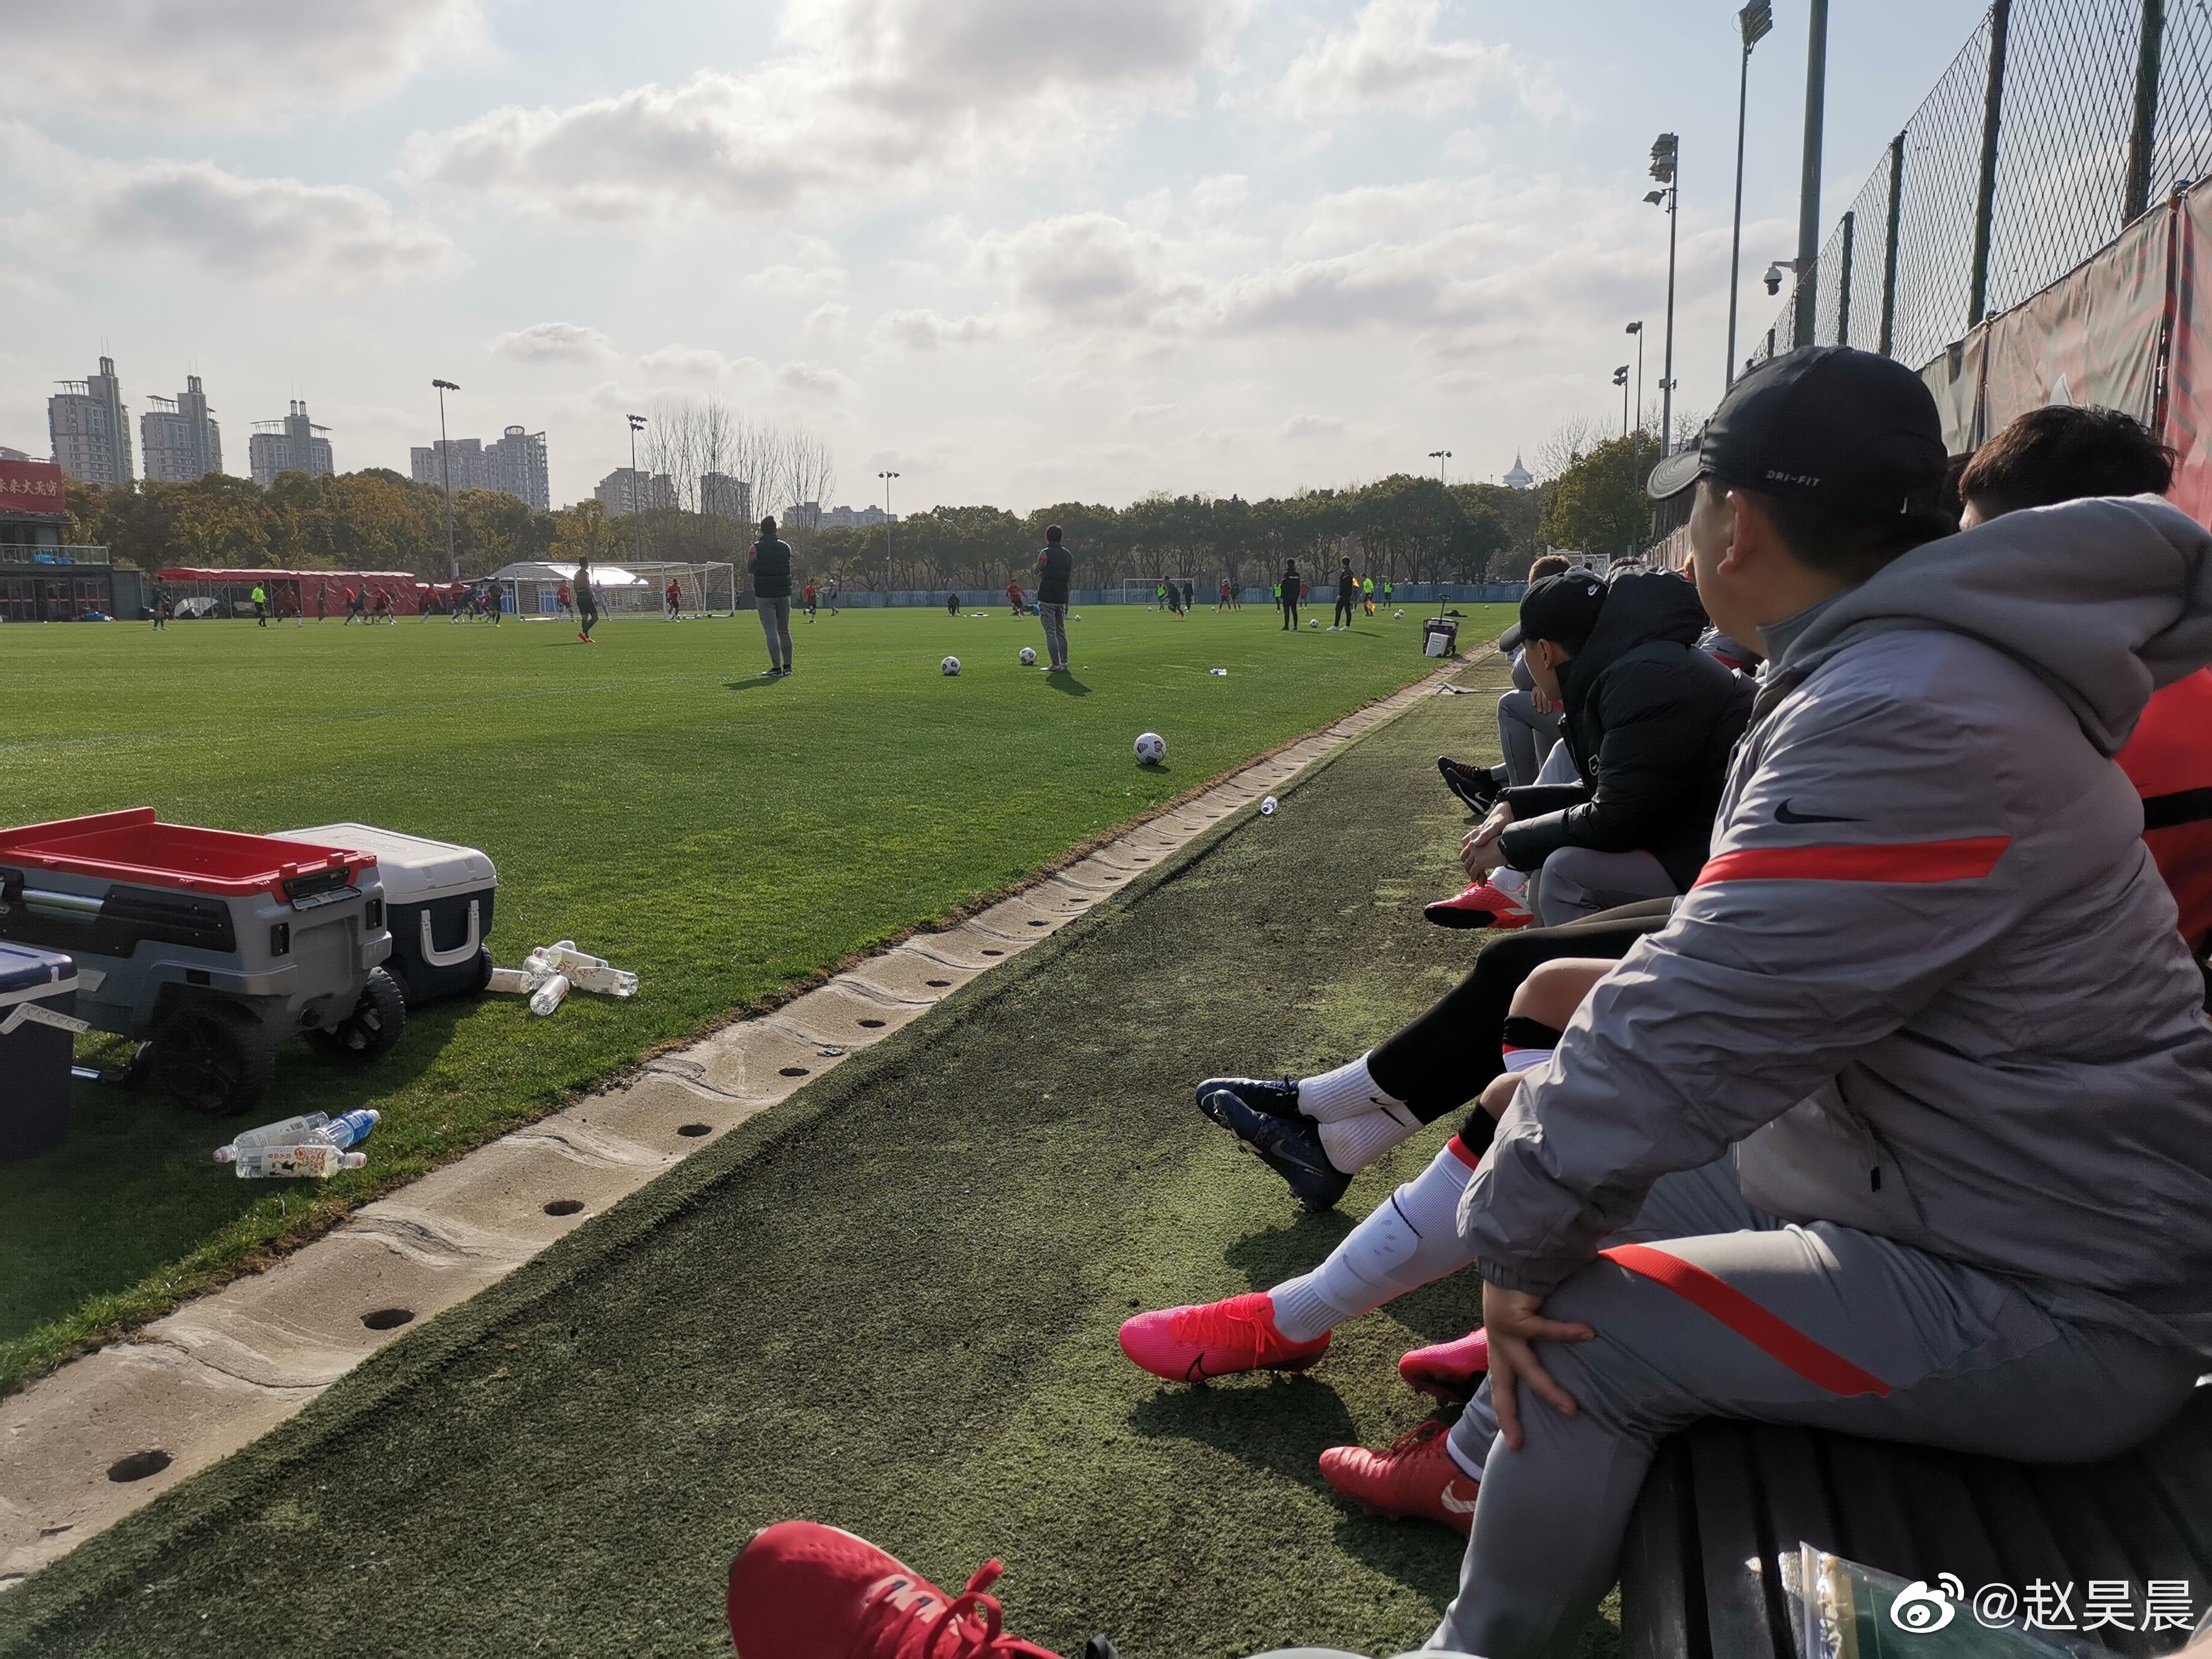 热身赛:阿瑙梅开二度李圣龙建功,上海海港3-2力克浙江绿城